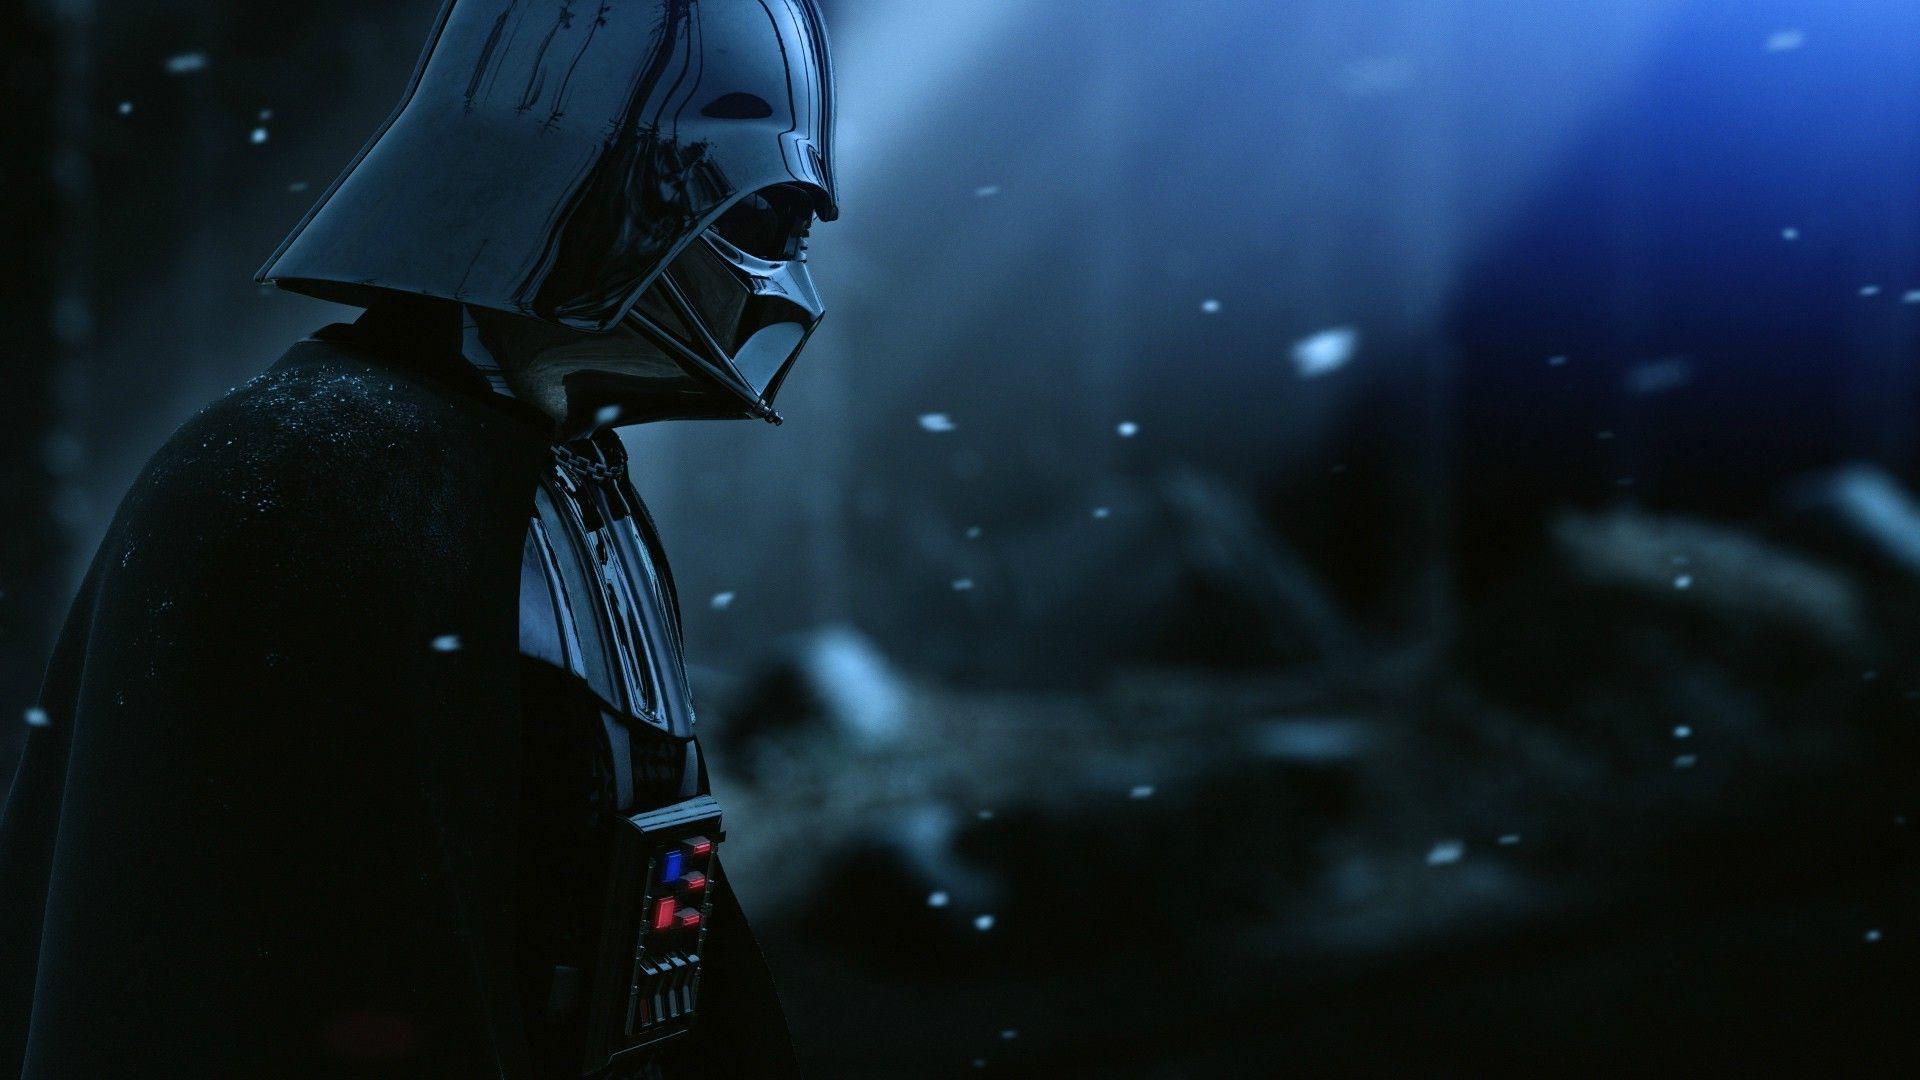 Desktop Darth Vader Wallpapers Star Wars Background Darth Vader Wallpaper Star Wars Wallpaper